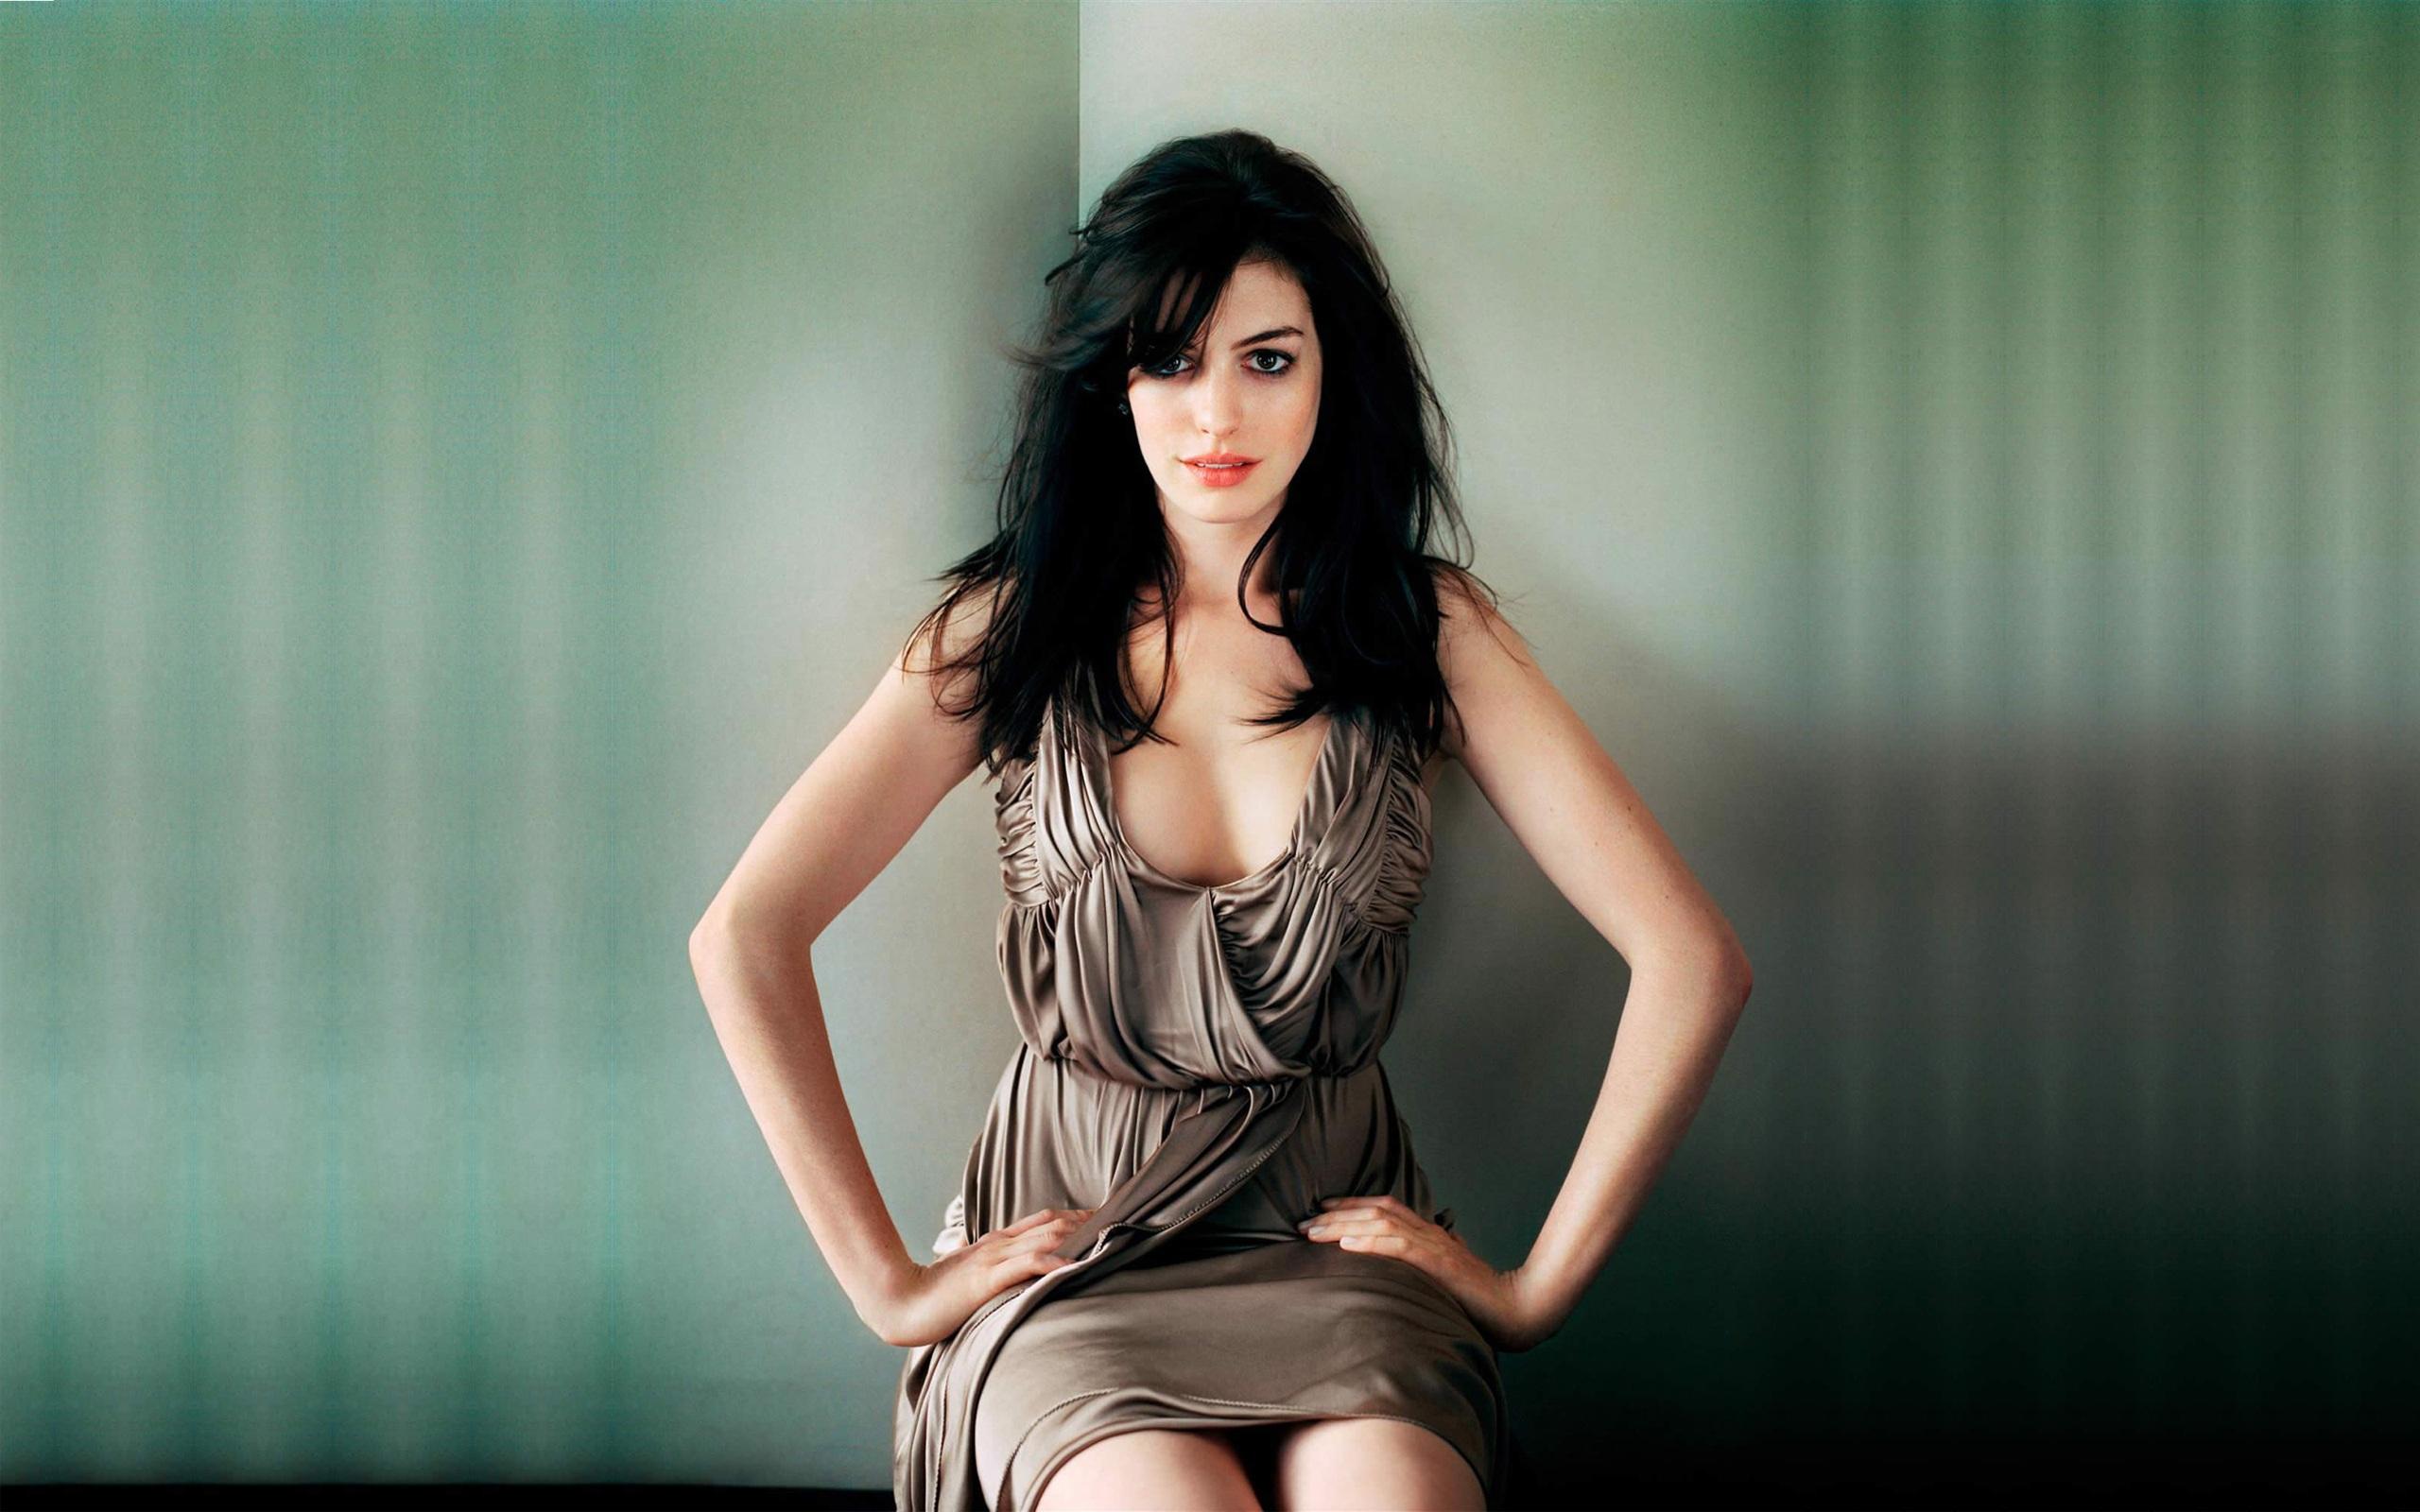 Anne Hathaway Full HD